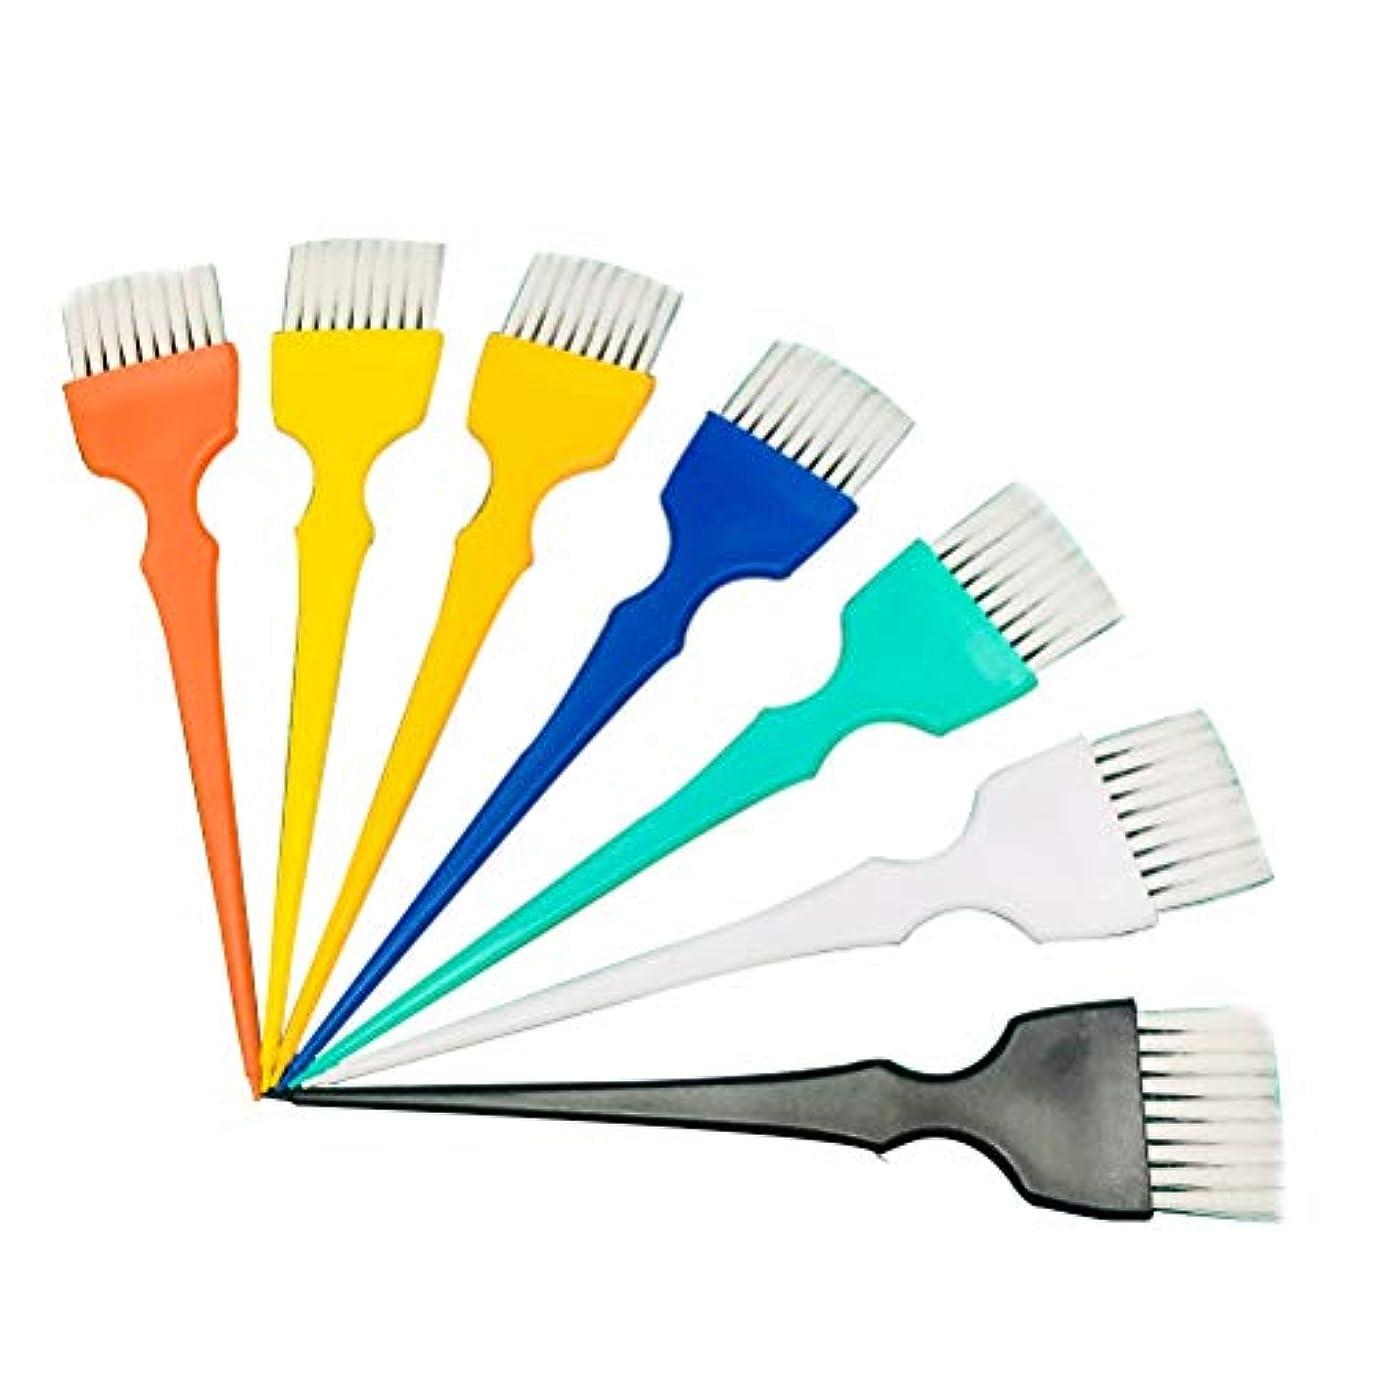 ちらつきアーティスト衝突するFrcolor ヘアダイブラシ ヘアカラーブラシ ヘアダイコーム 白髪染め 家庭用 美容師プロ用 プラスチック製 7本セット(ランダムカラー)